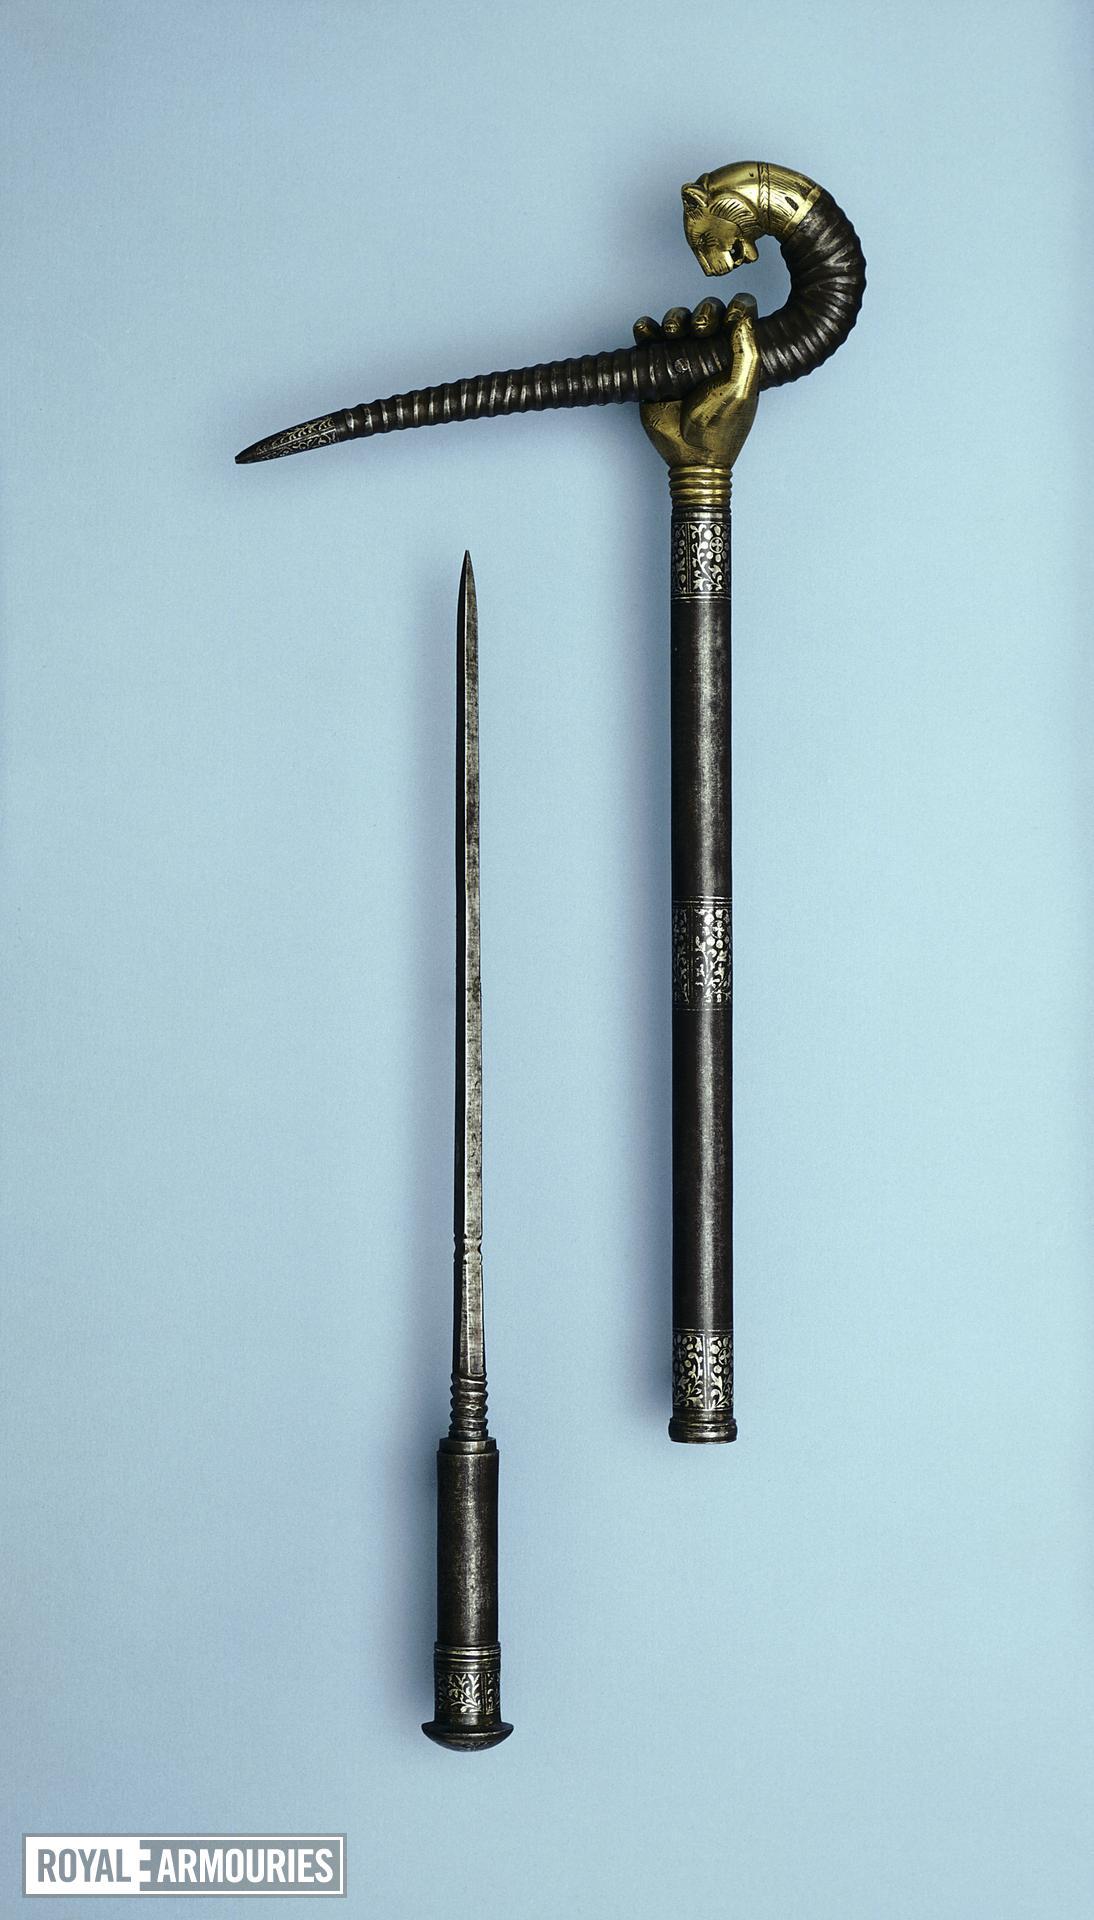 Crutch (bairagi, zafar takieh) with brass hand holding a horn